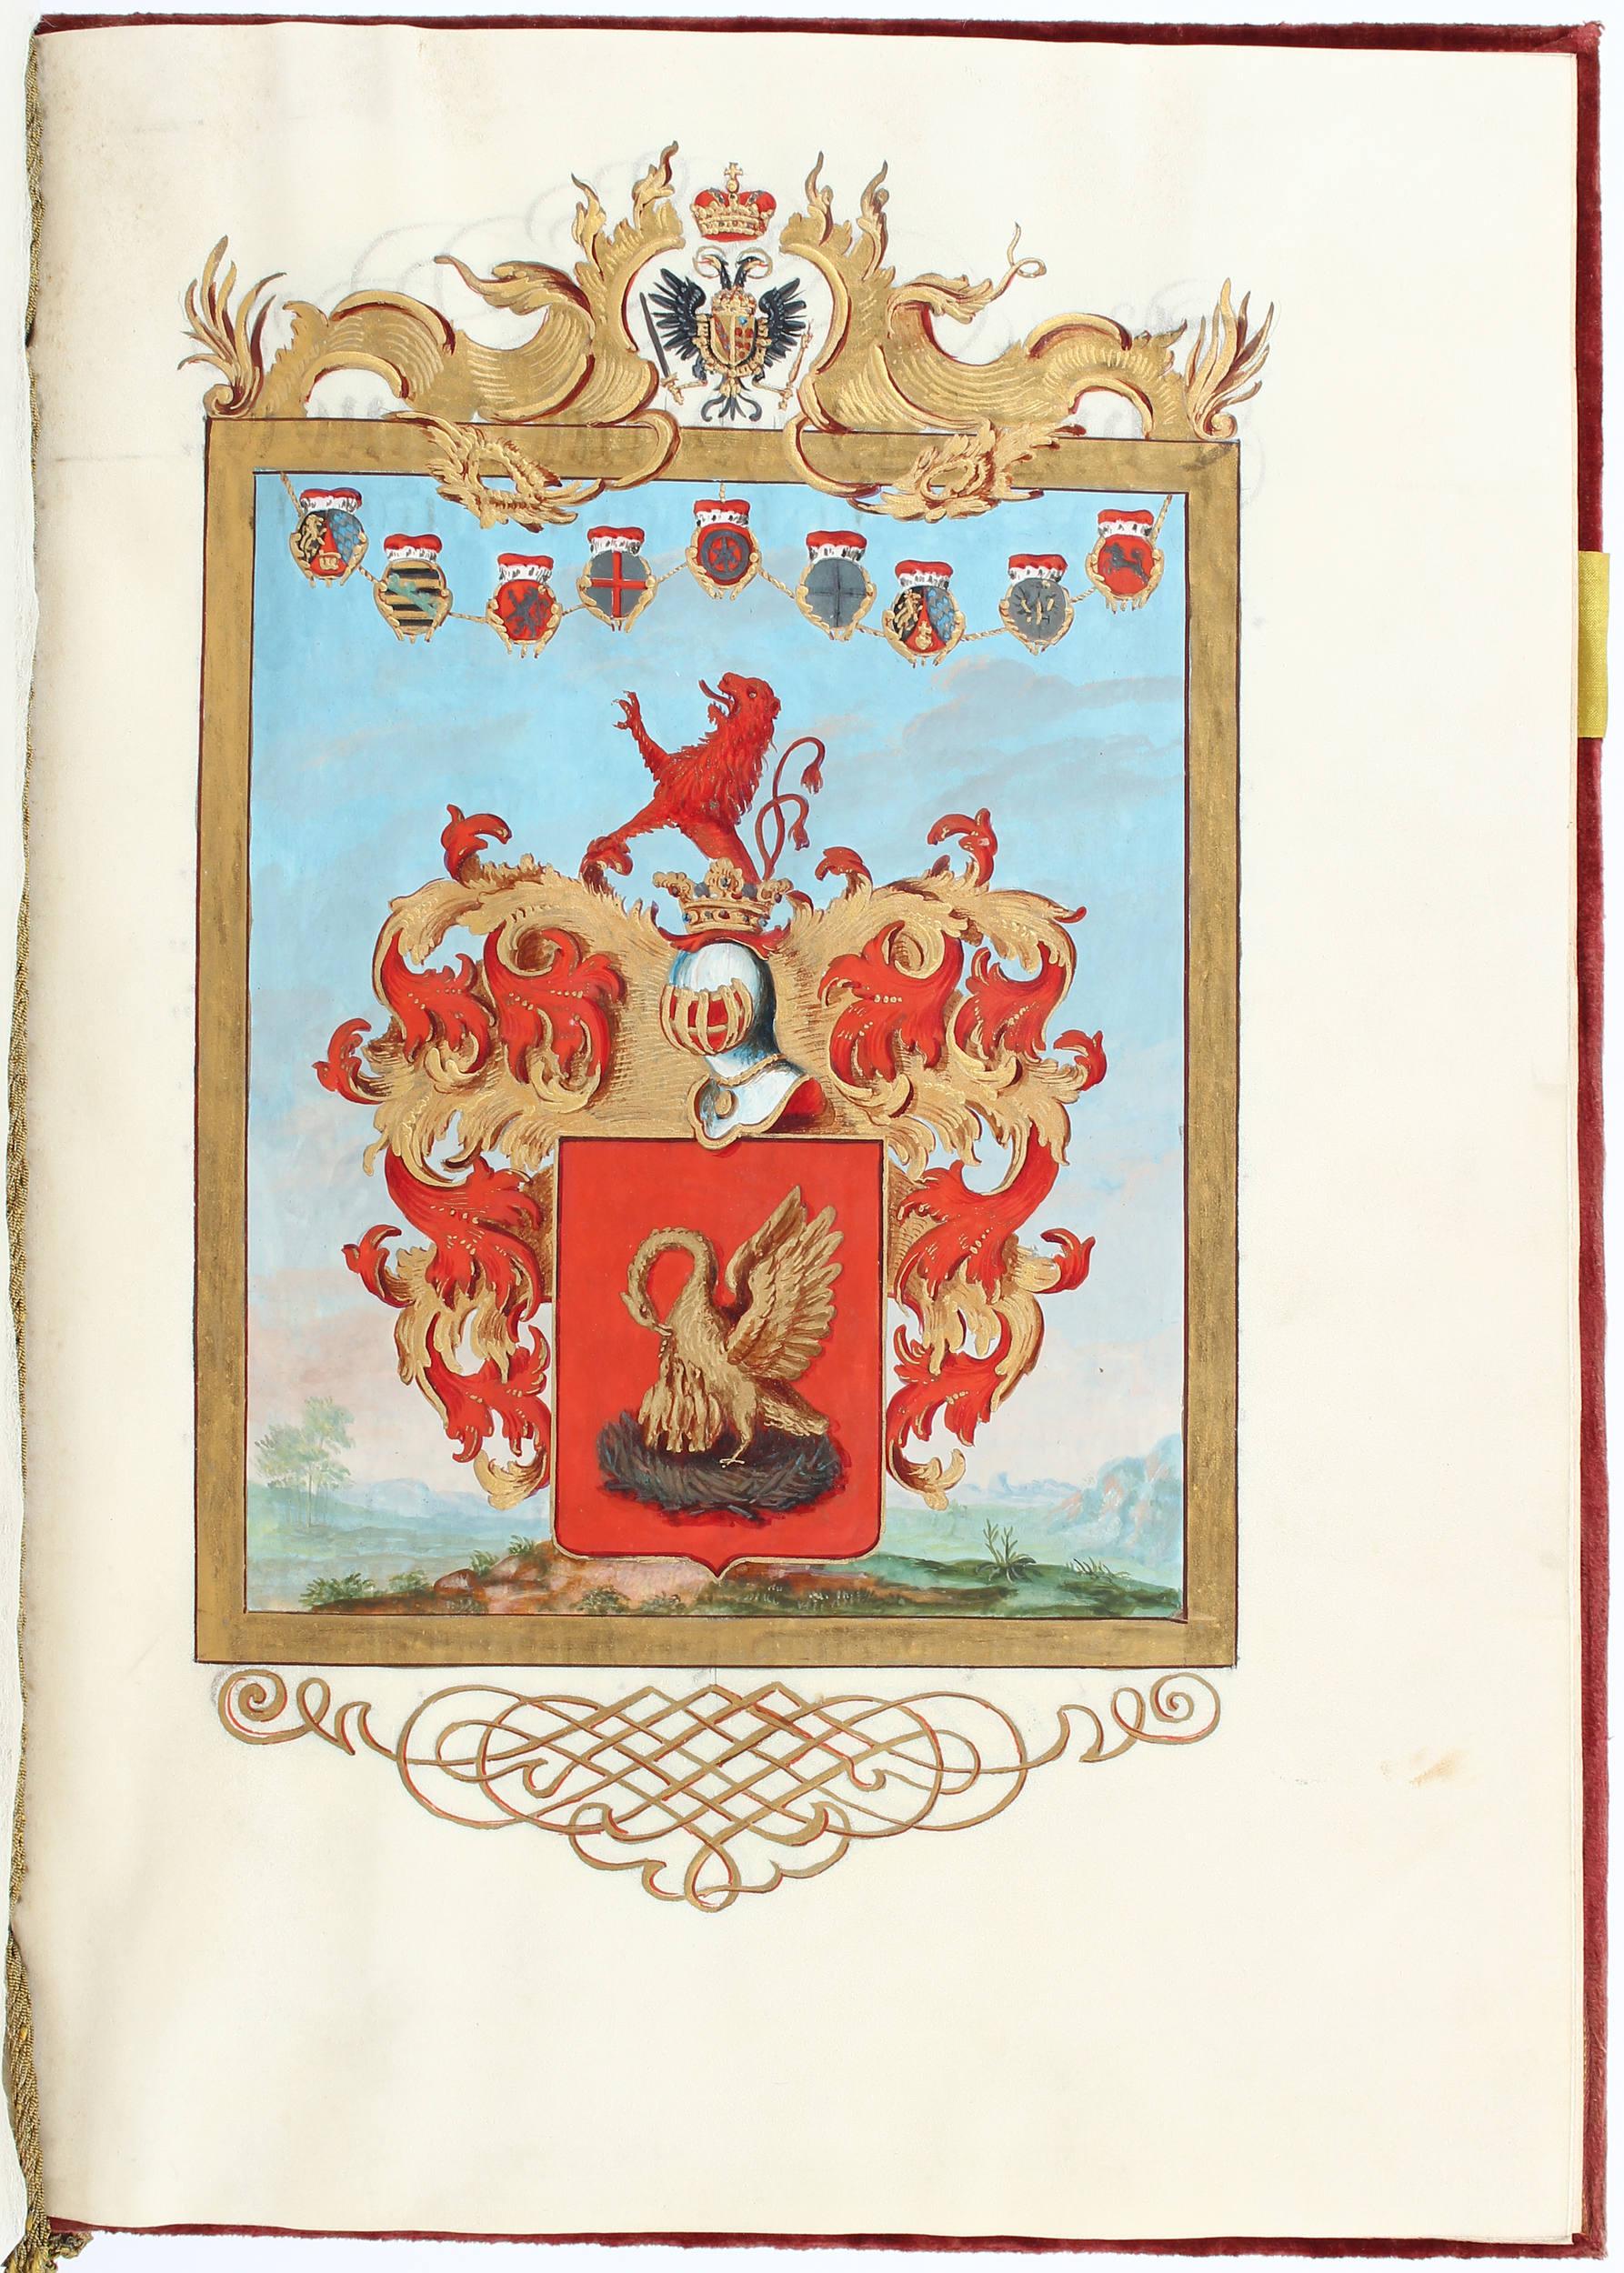 Wertvolle Bücher · Handschriften Vom Mittelalter bis zur Moderne